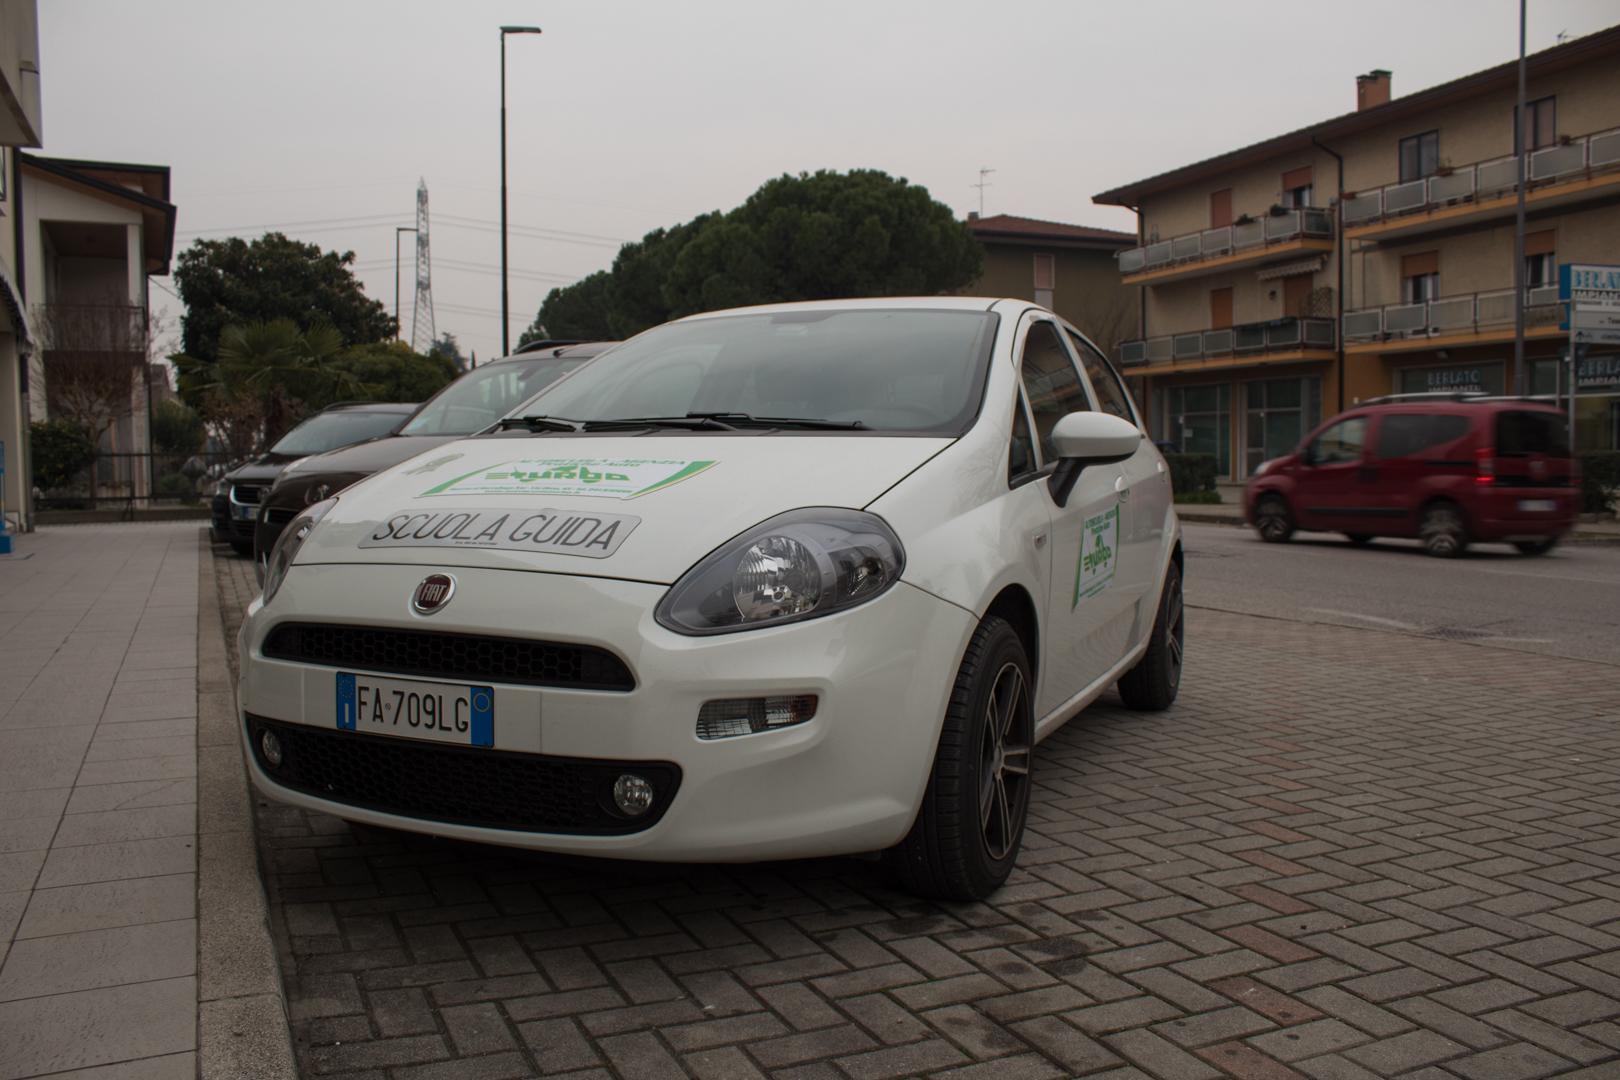 Autoscuola Turbo (Fiat Grande Punto EVO)